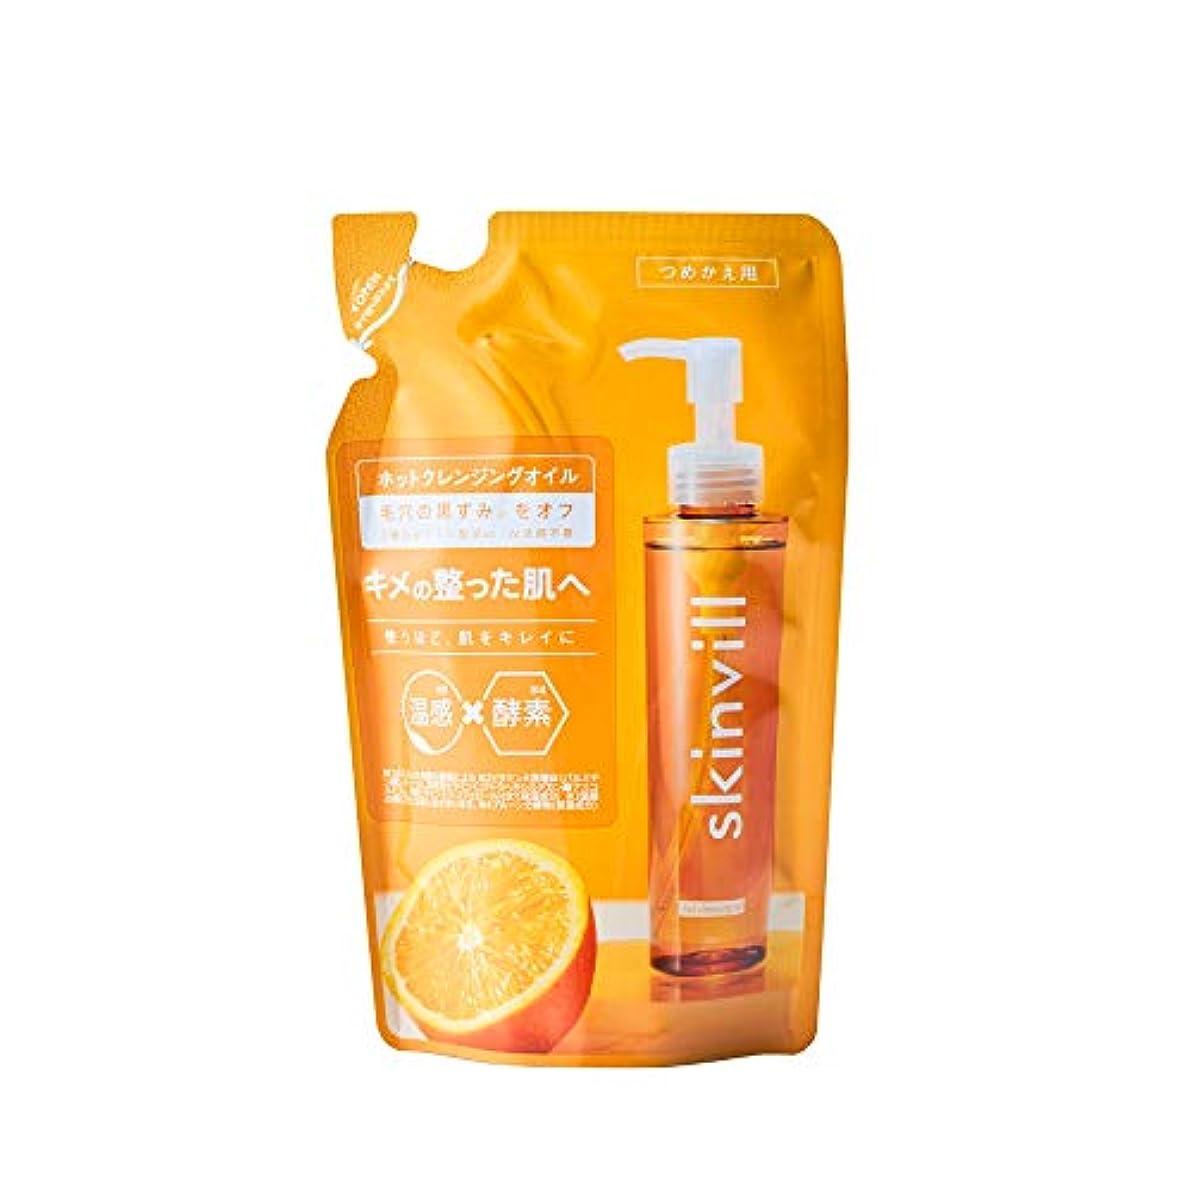 skinvill スキンビル ホットクレンジングオイル 詰め替えパウチ 130mL シトラスオレンジの香り